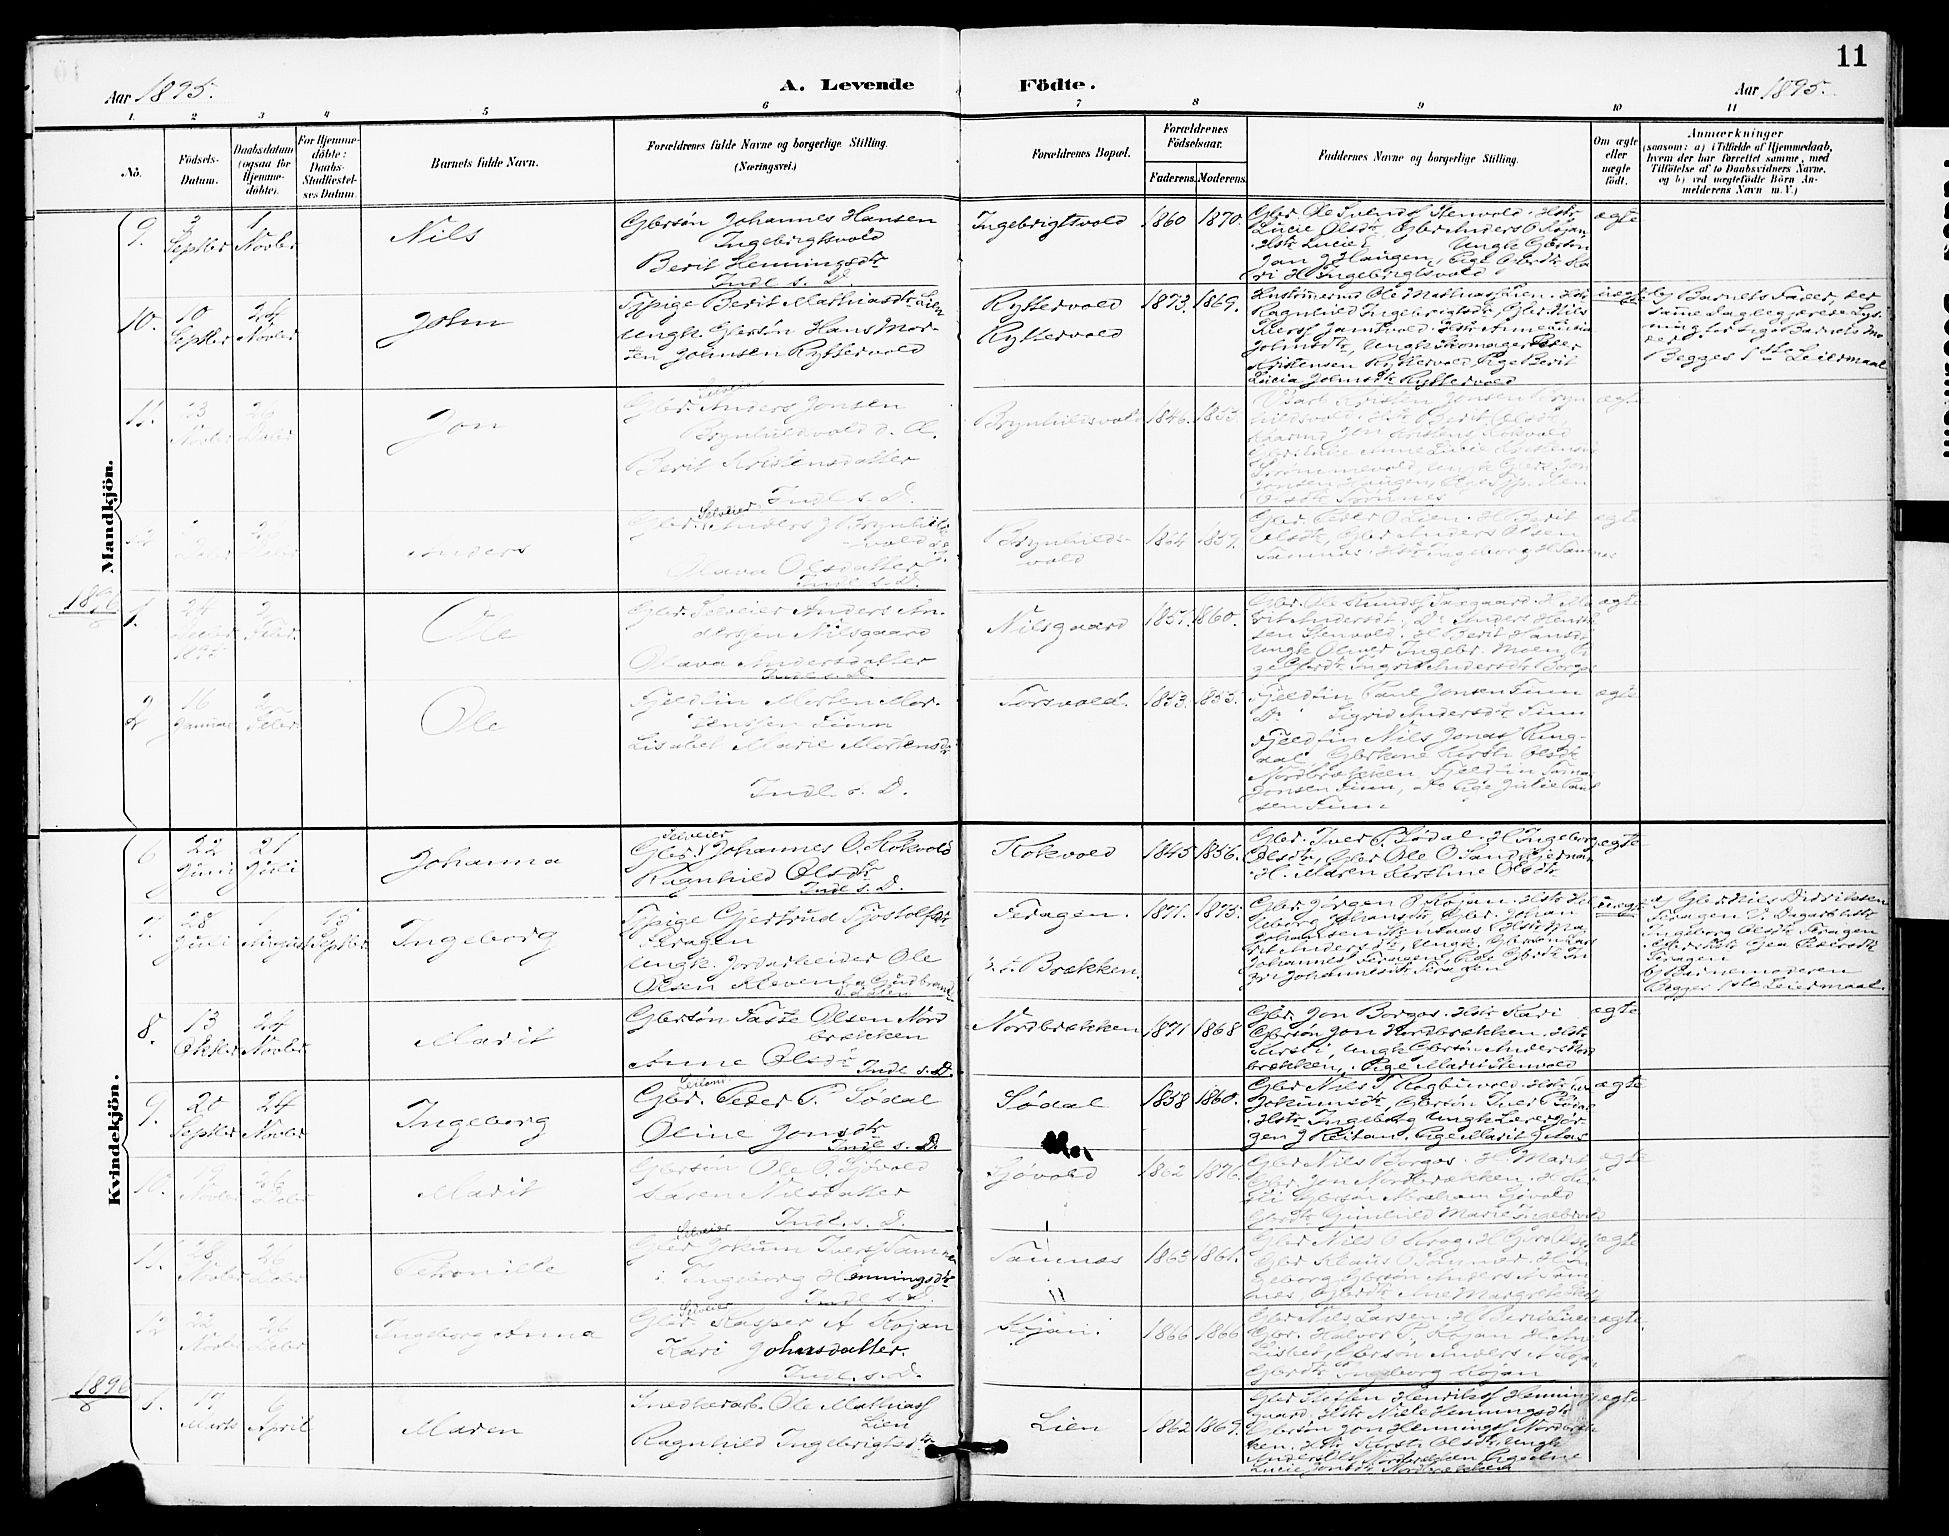 SAT, Ministerialprotokoller, klokkerbøker og fødselsregistre - Sør-Trøndelag, 683/L0948: Ministerialbok nr. 683A01, 1891-1902, s. 11